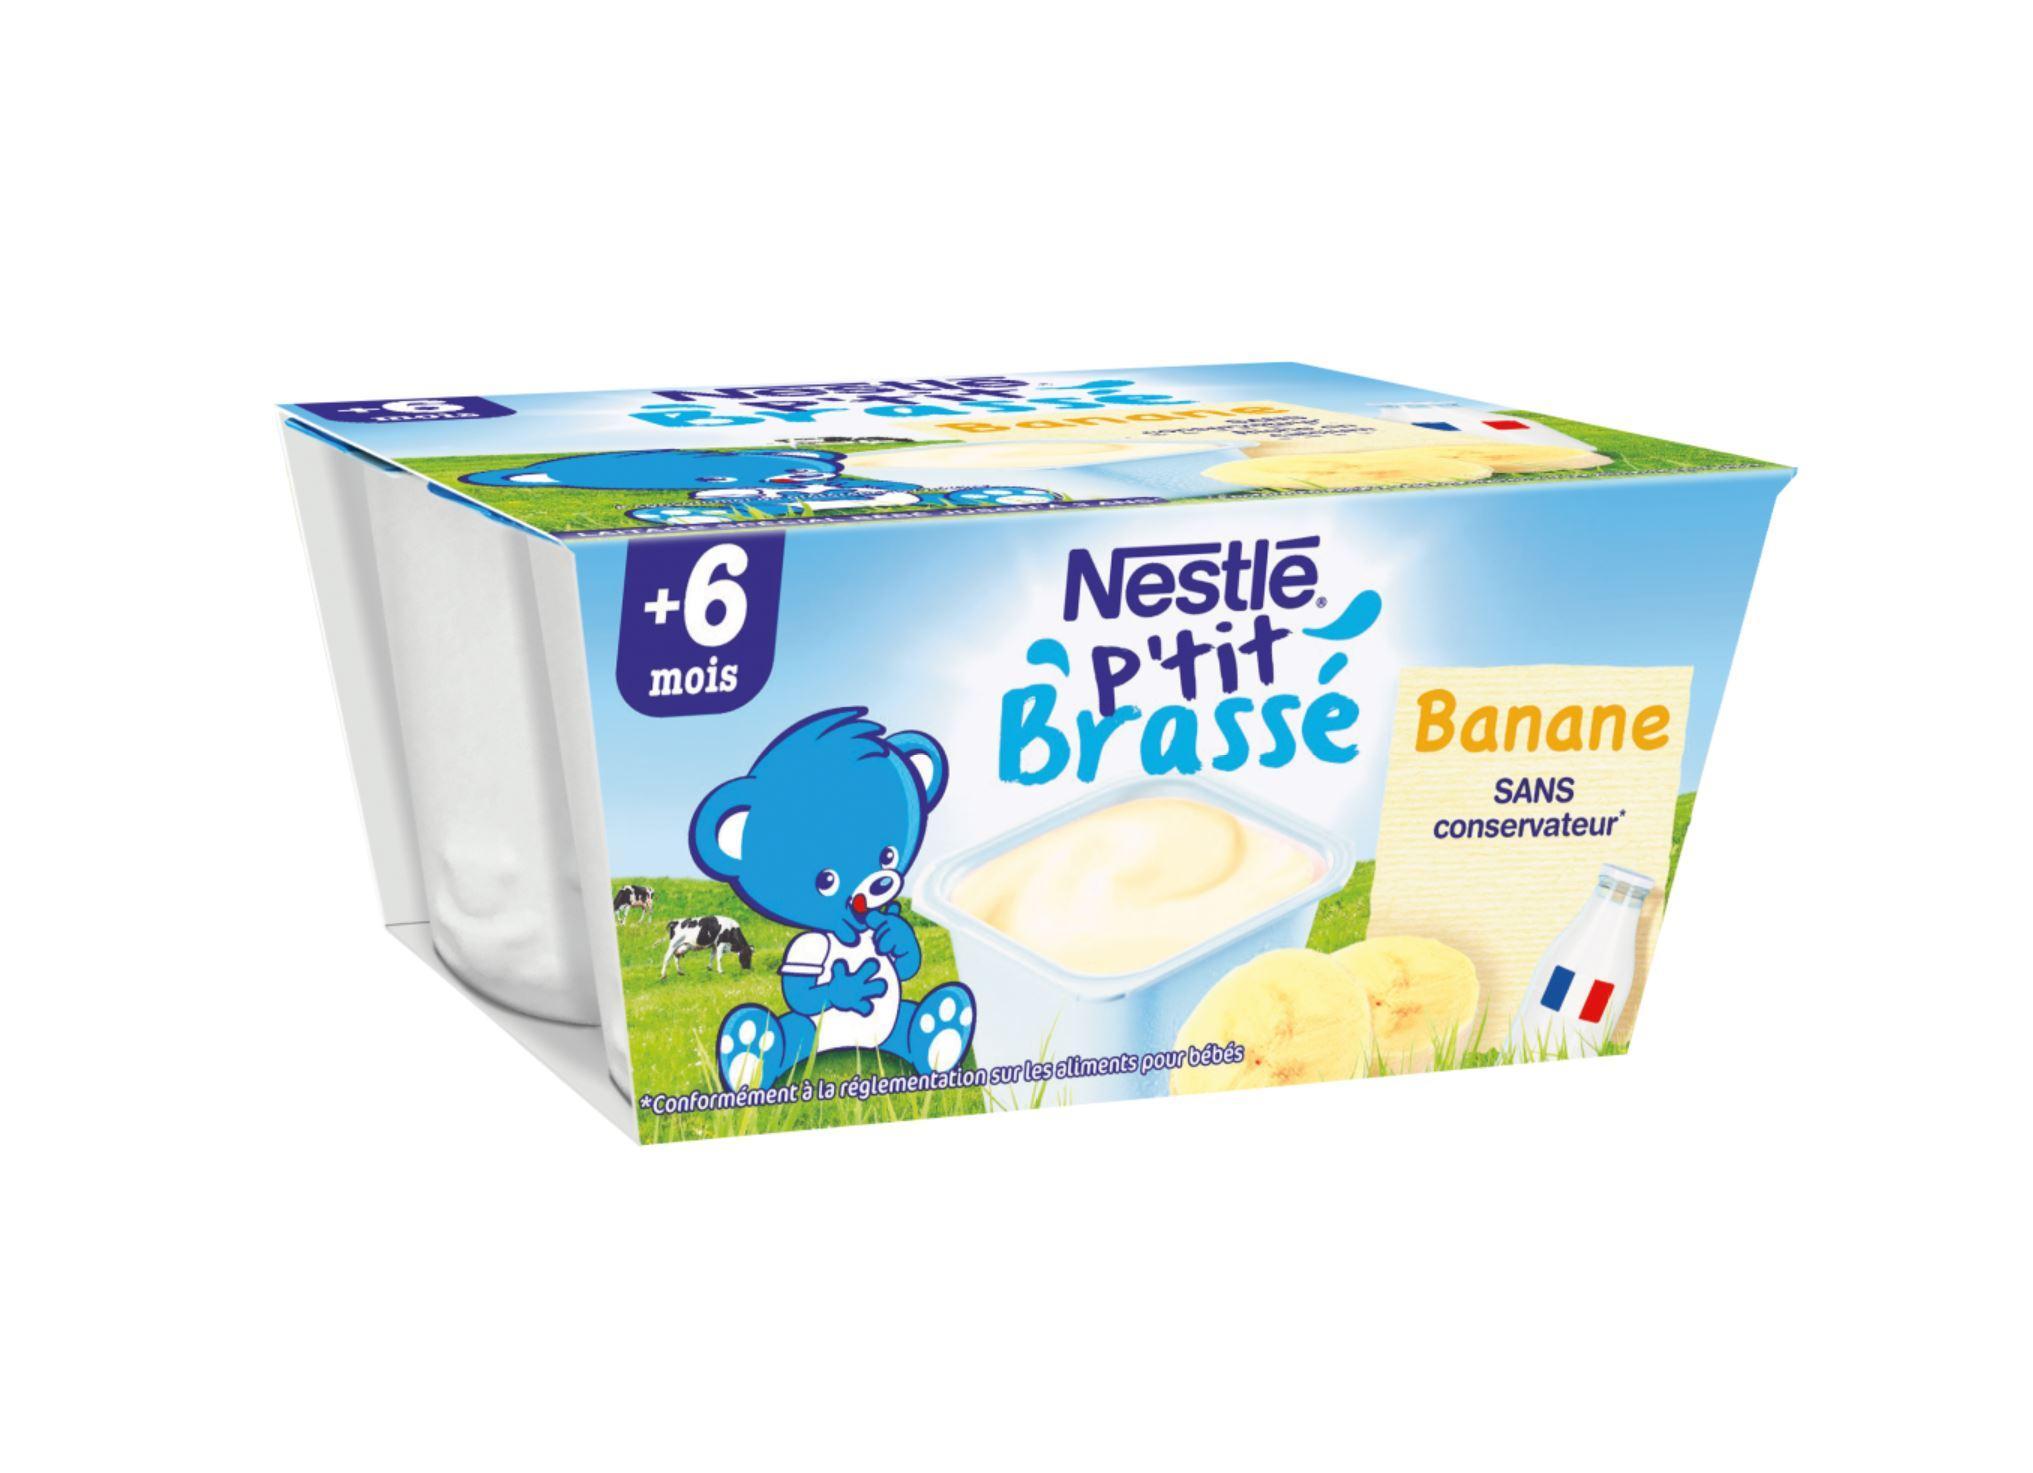 P'tit brassé saveur banane